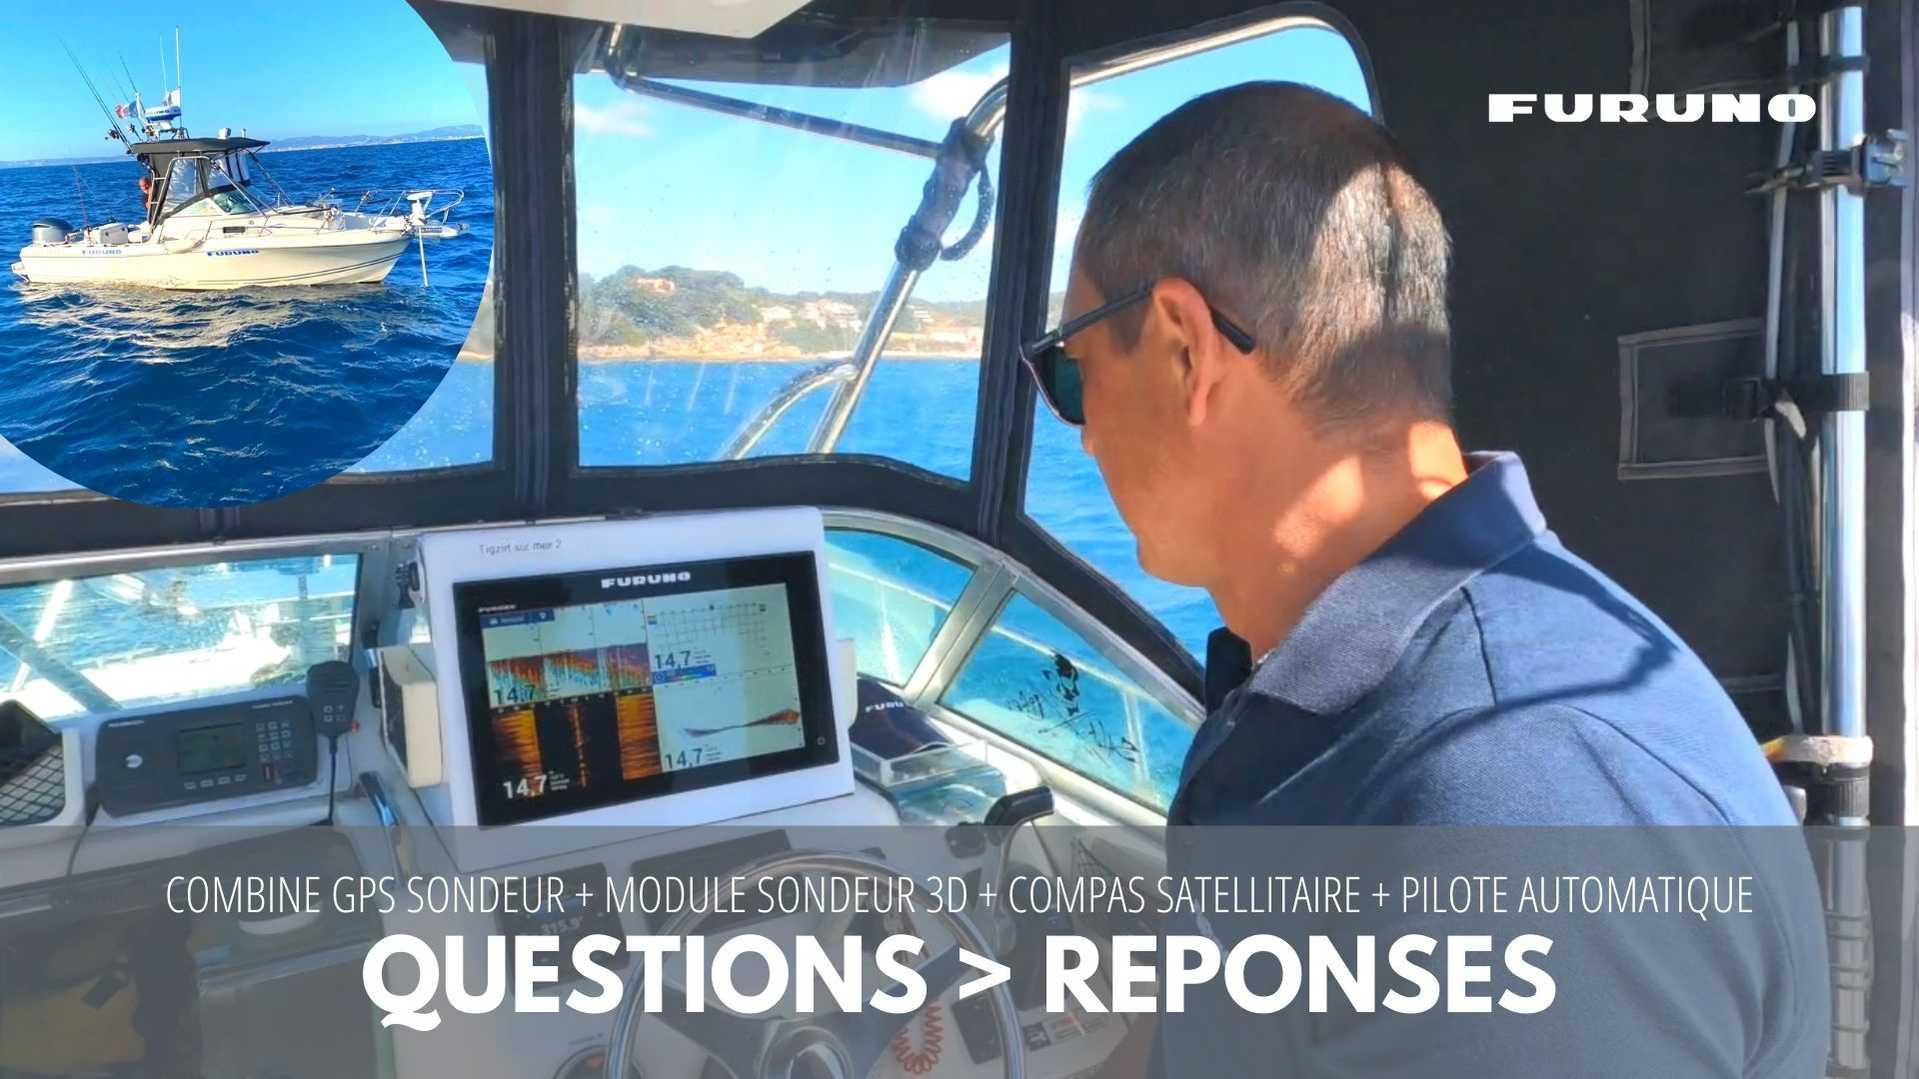 Sortie en mer pour cartographier et prospecter des zones de pêche